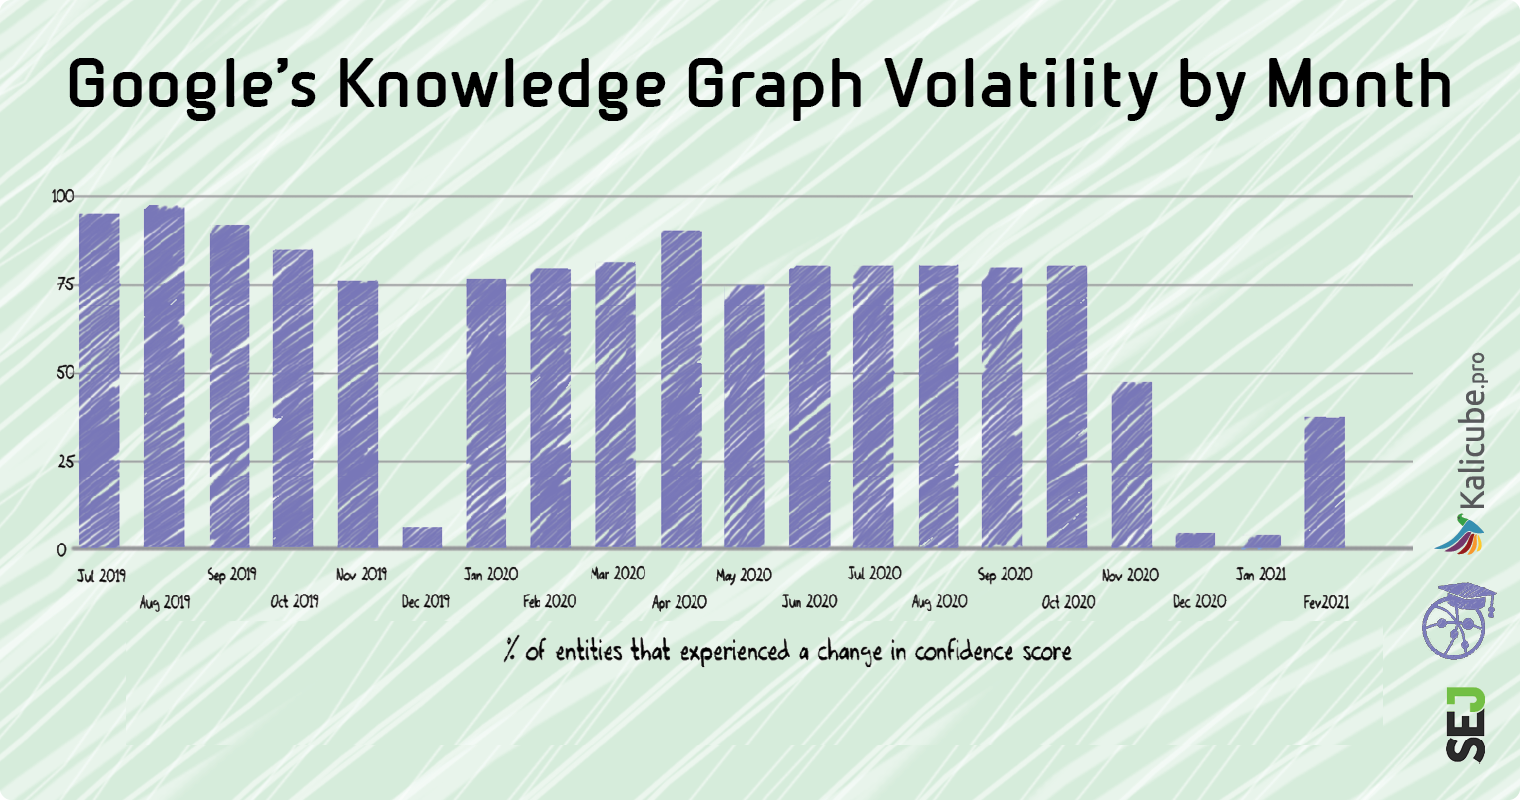 Volatilidad del gráfico de conocimiento de Google por mes